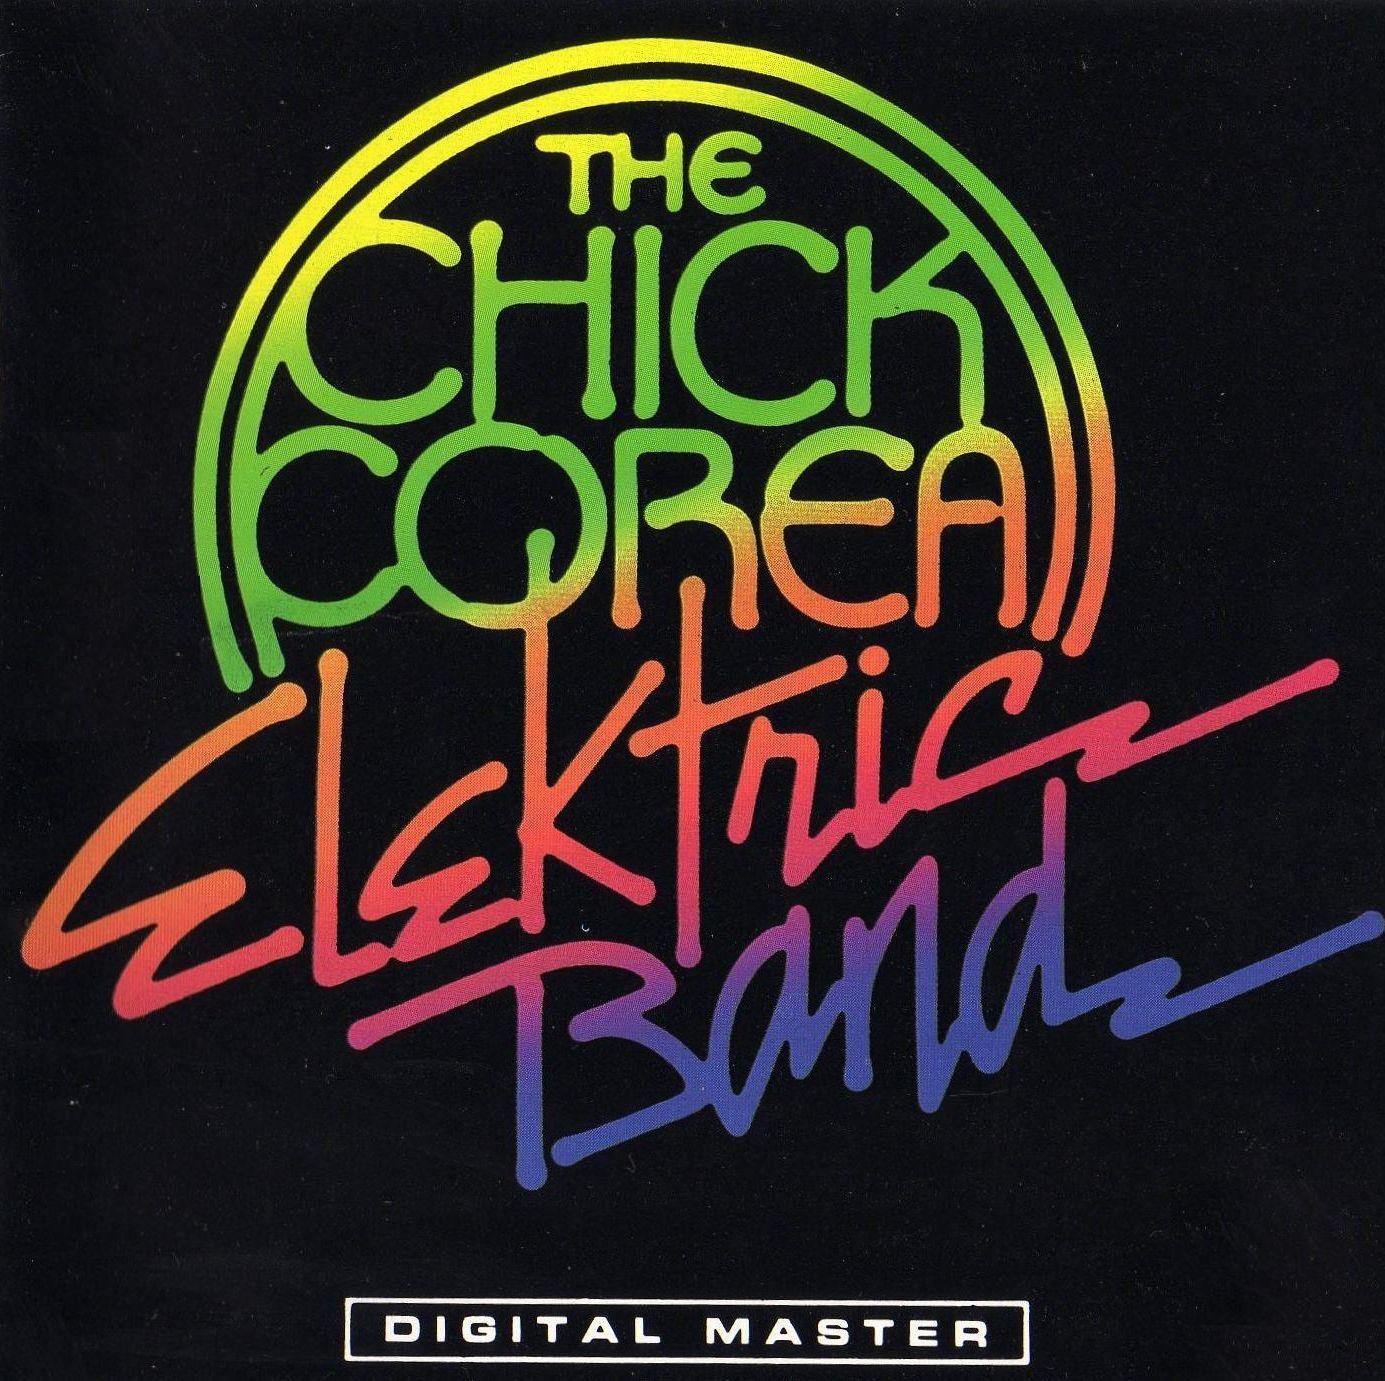 Chick Corea Elektric Band (źródło: materiały prasowe organizatora)